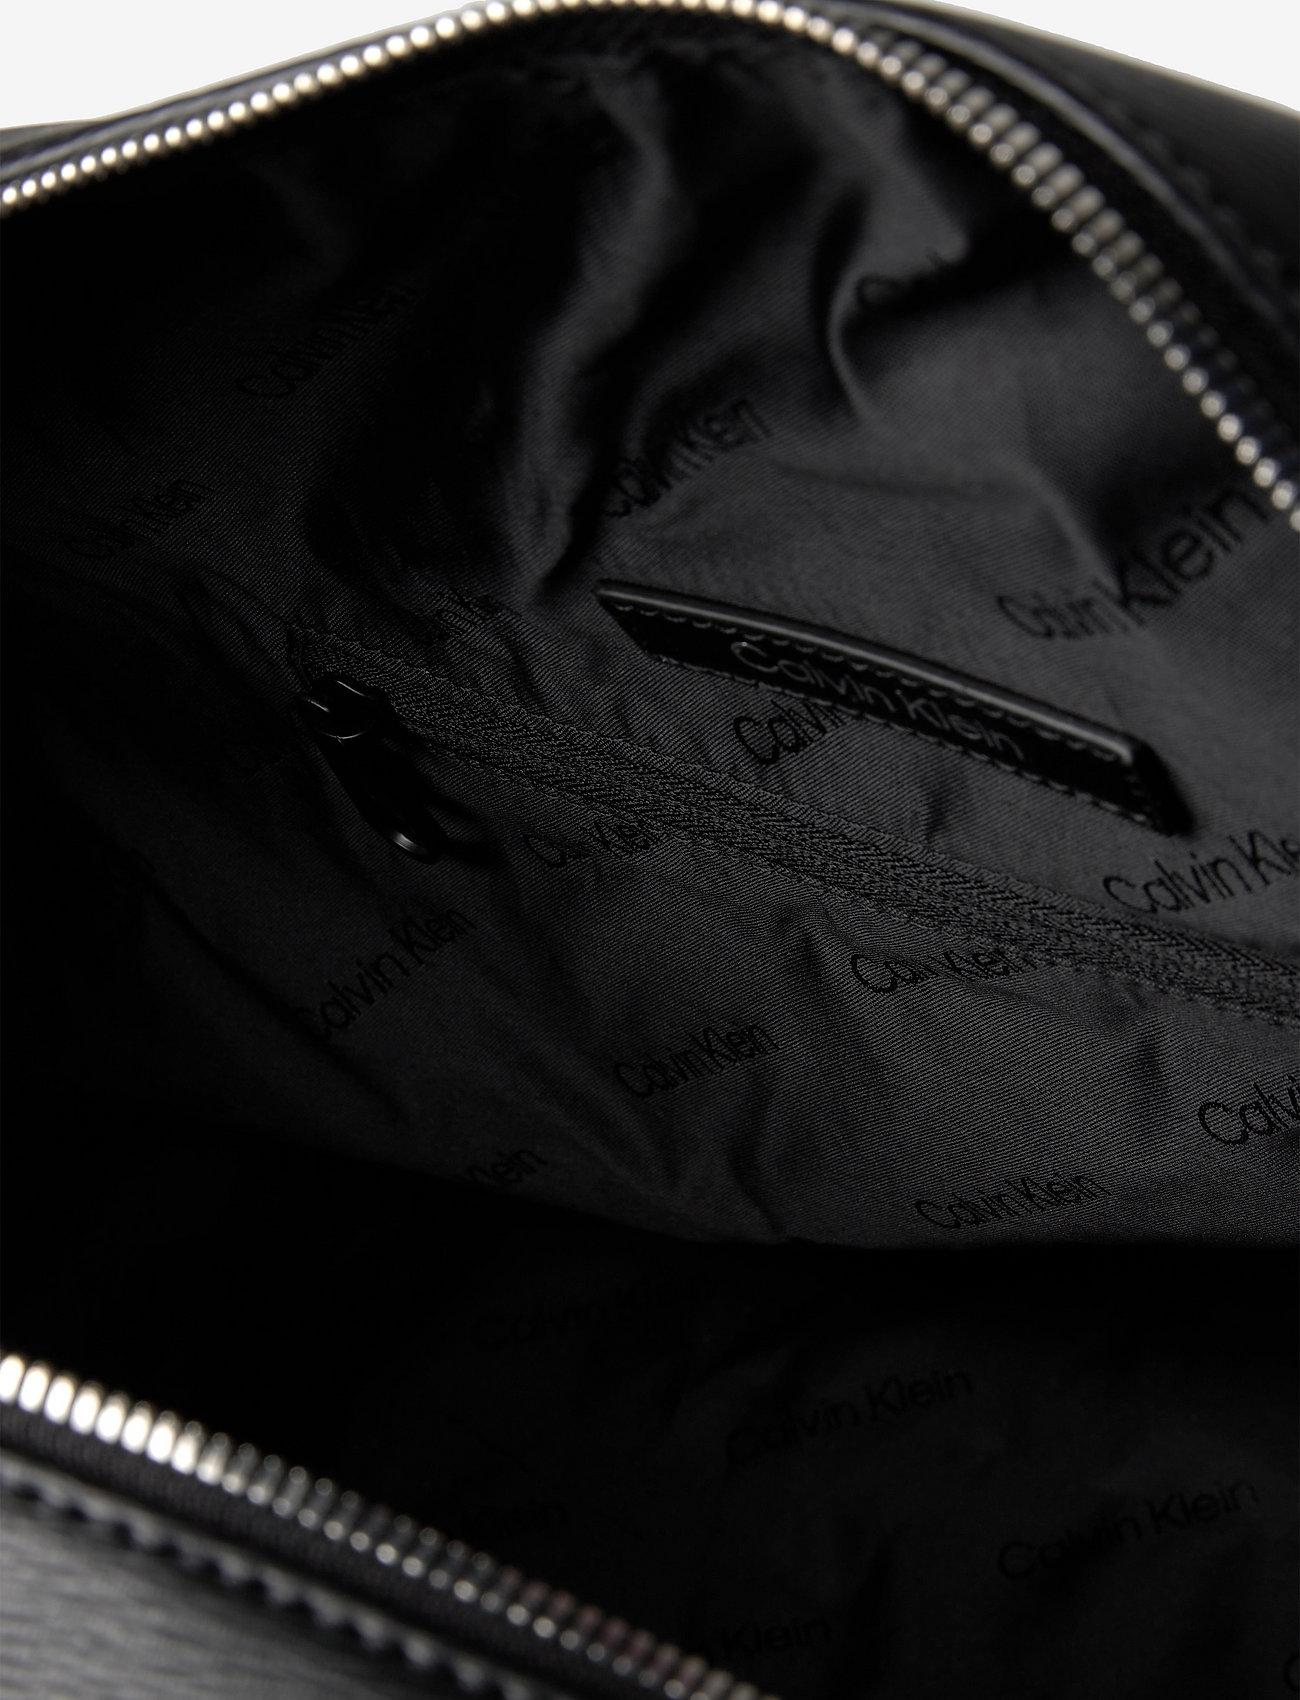 Calvin Klein - MINIMALISM WEEKENDER - gym bags - ck black - 4